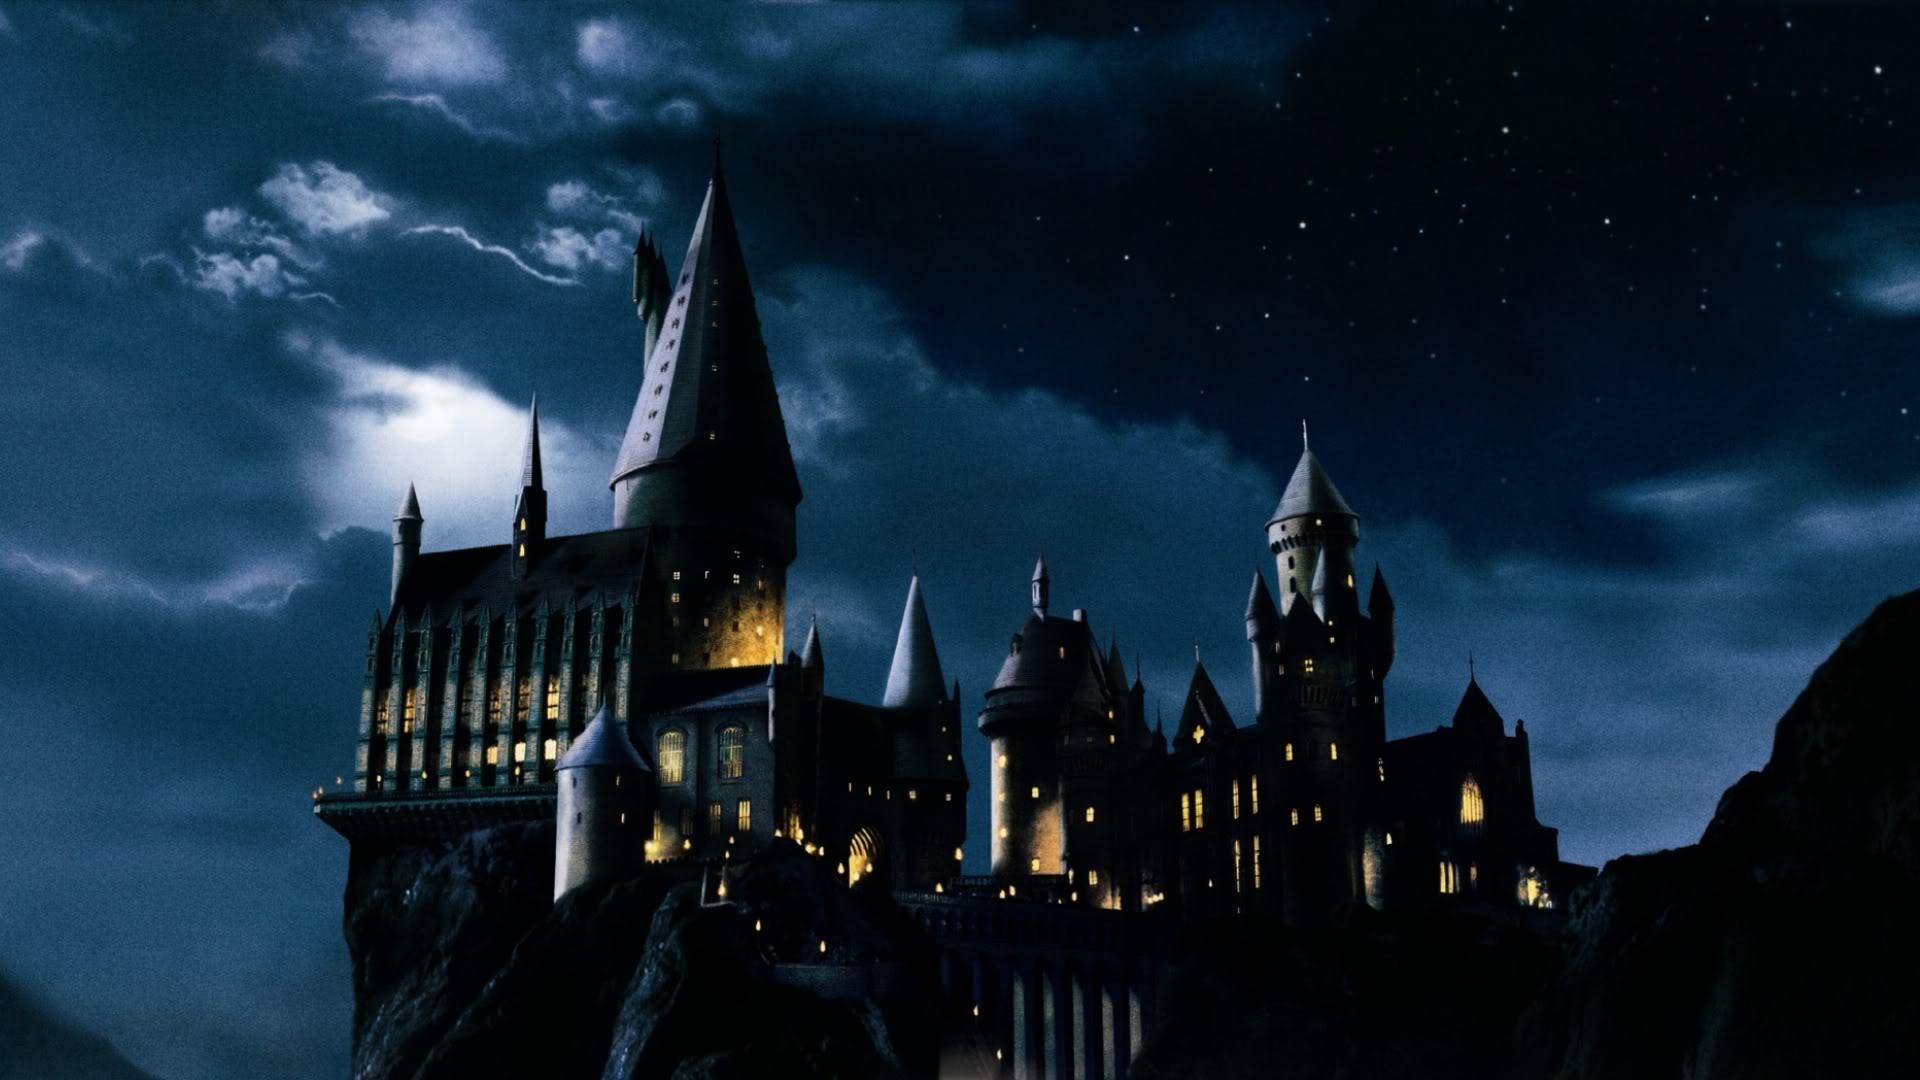 49] Harry Potter Desktop Wallpapers on WallpaperSafari 1920x1080